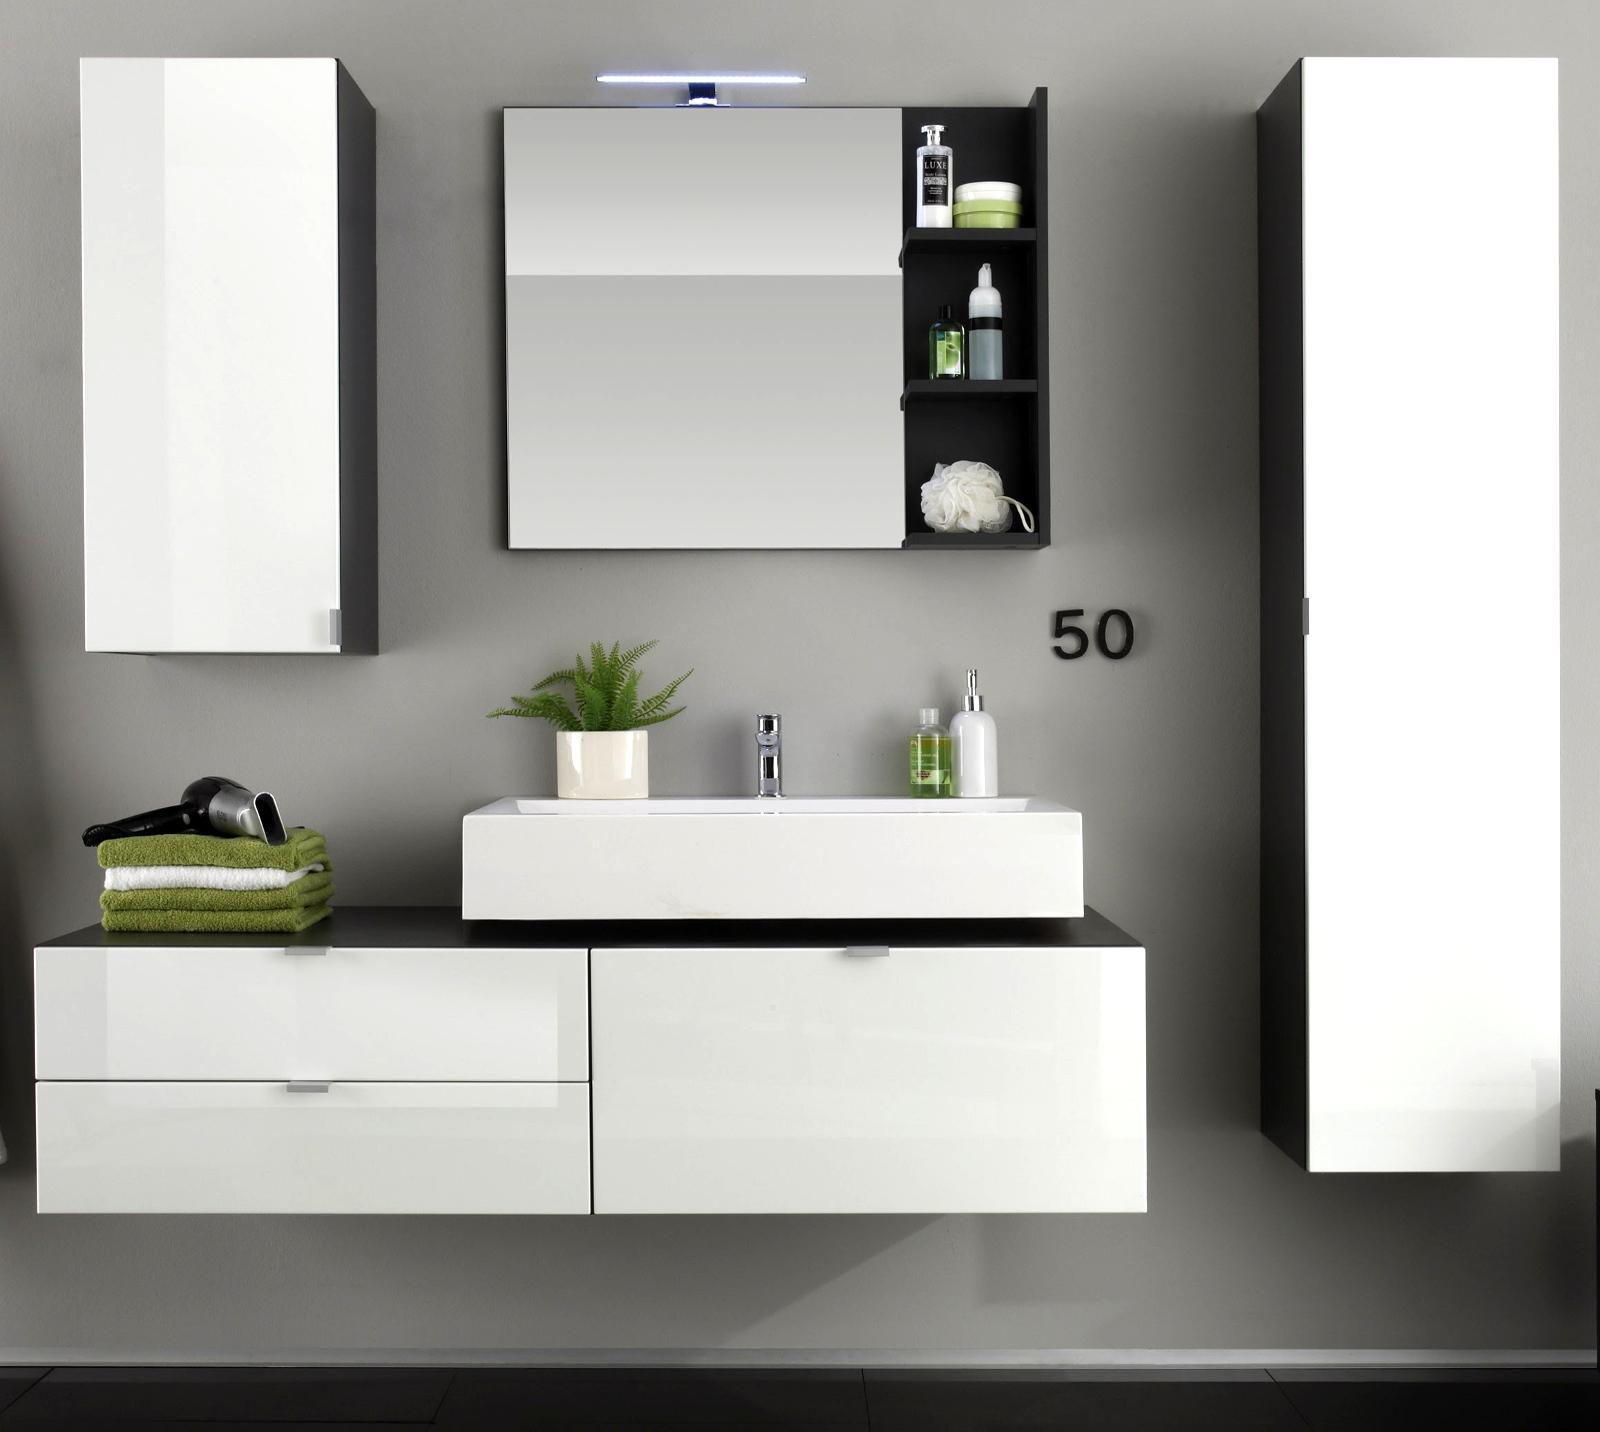 badm bel badezimmer set bad komplett mit waschbecken wei hochglanz grau beach. Black Bedroom Furniture Sets. Home Design Ideas